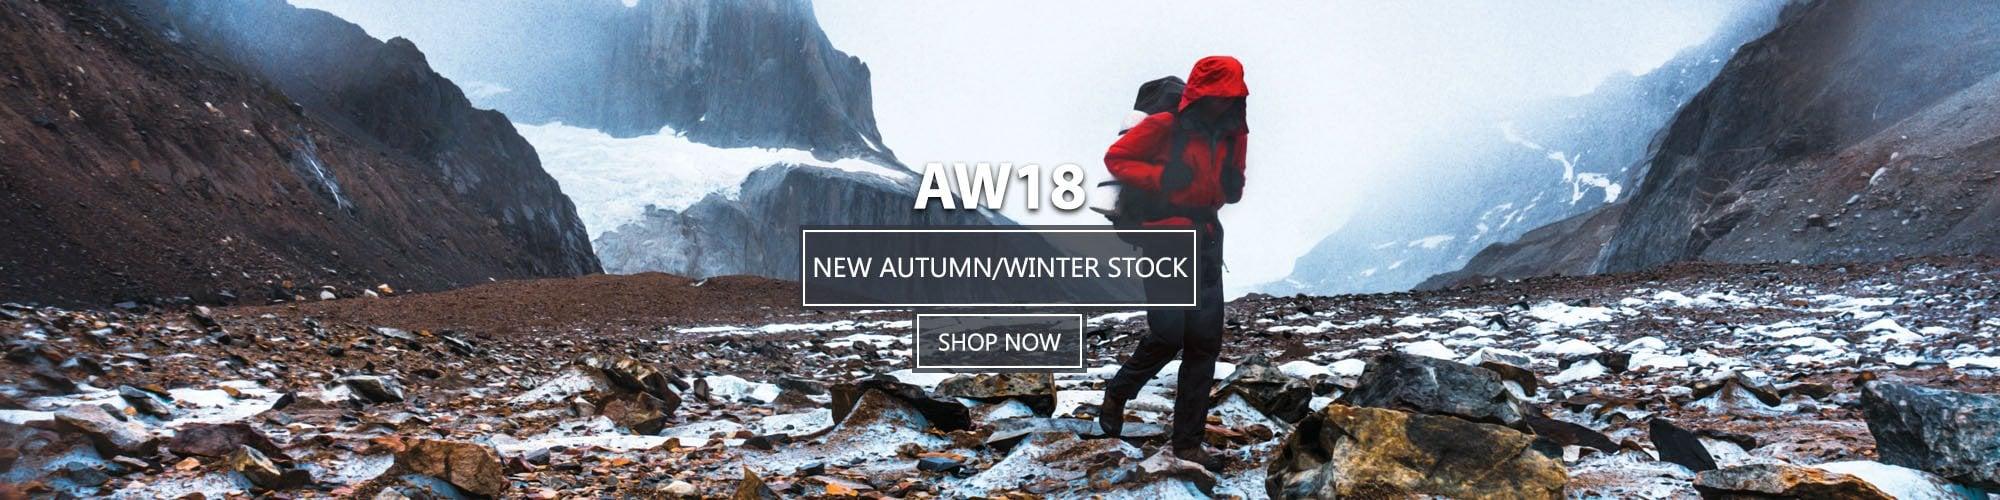 Autumn / Winter 2018